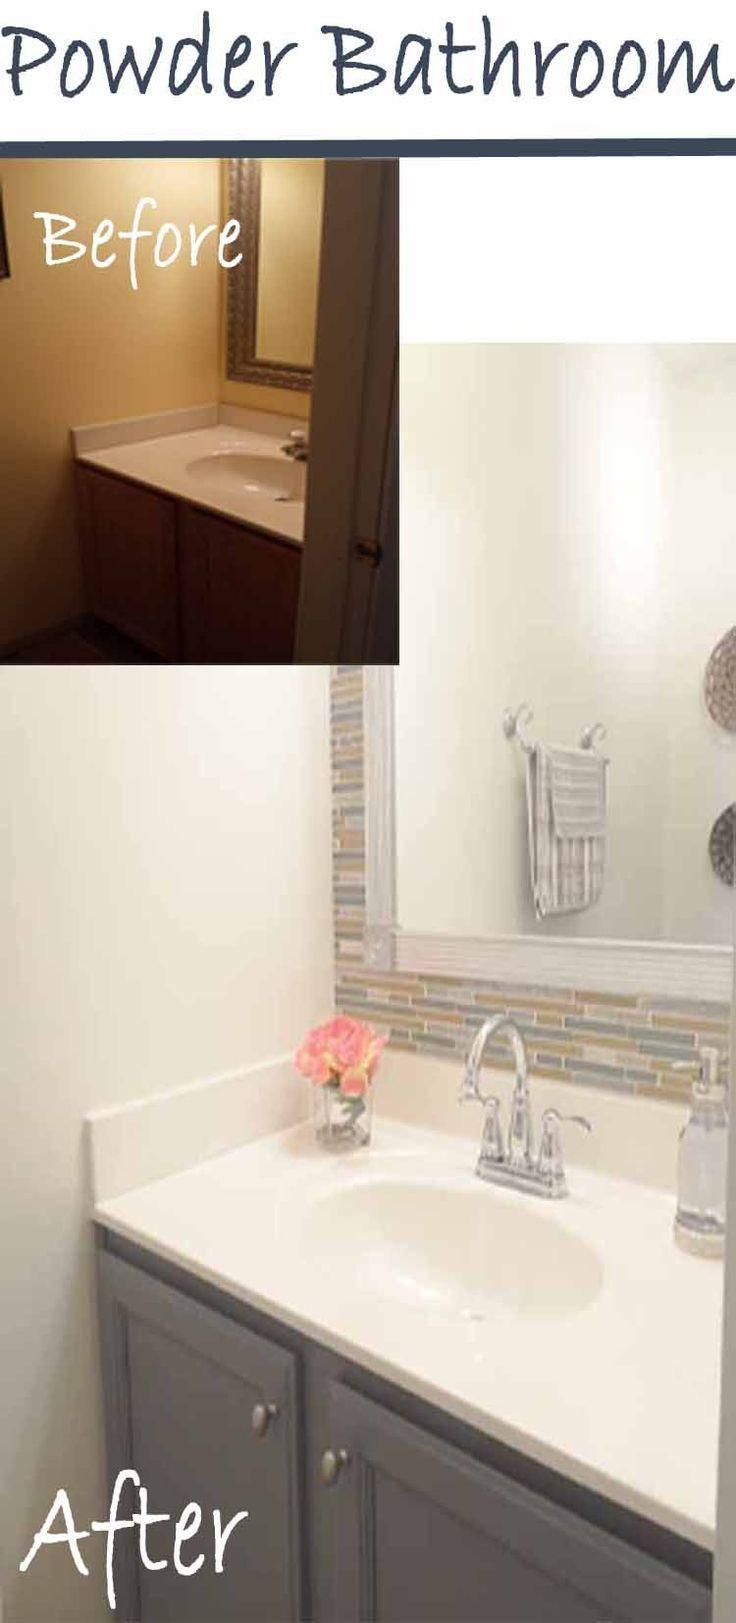 Powder Bathroom Makeover  Diy Home Decor  Pinterest